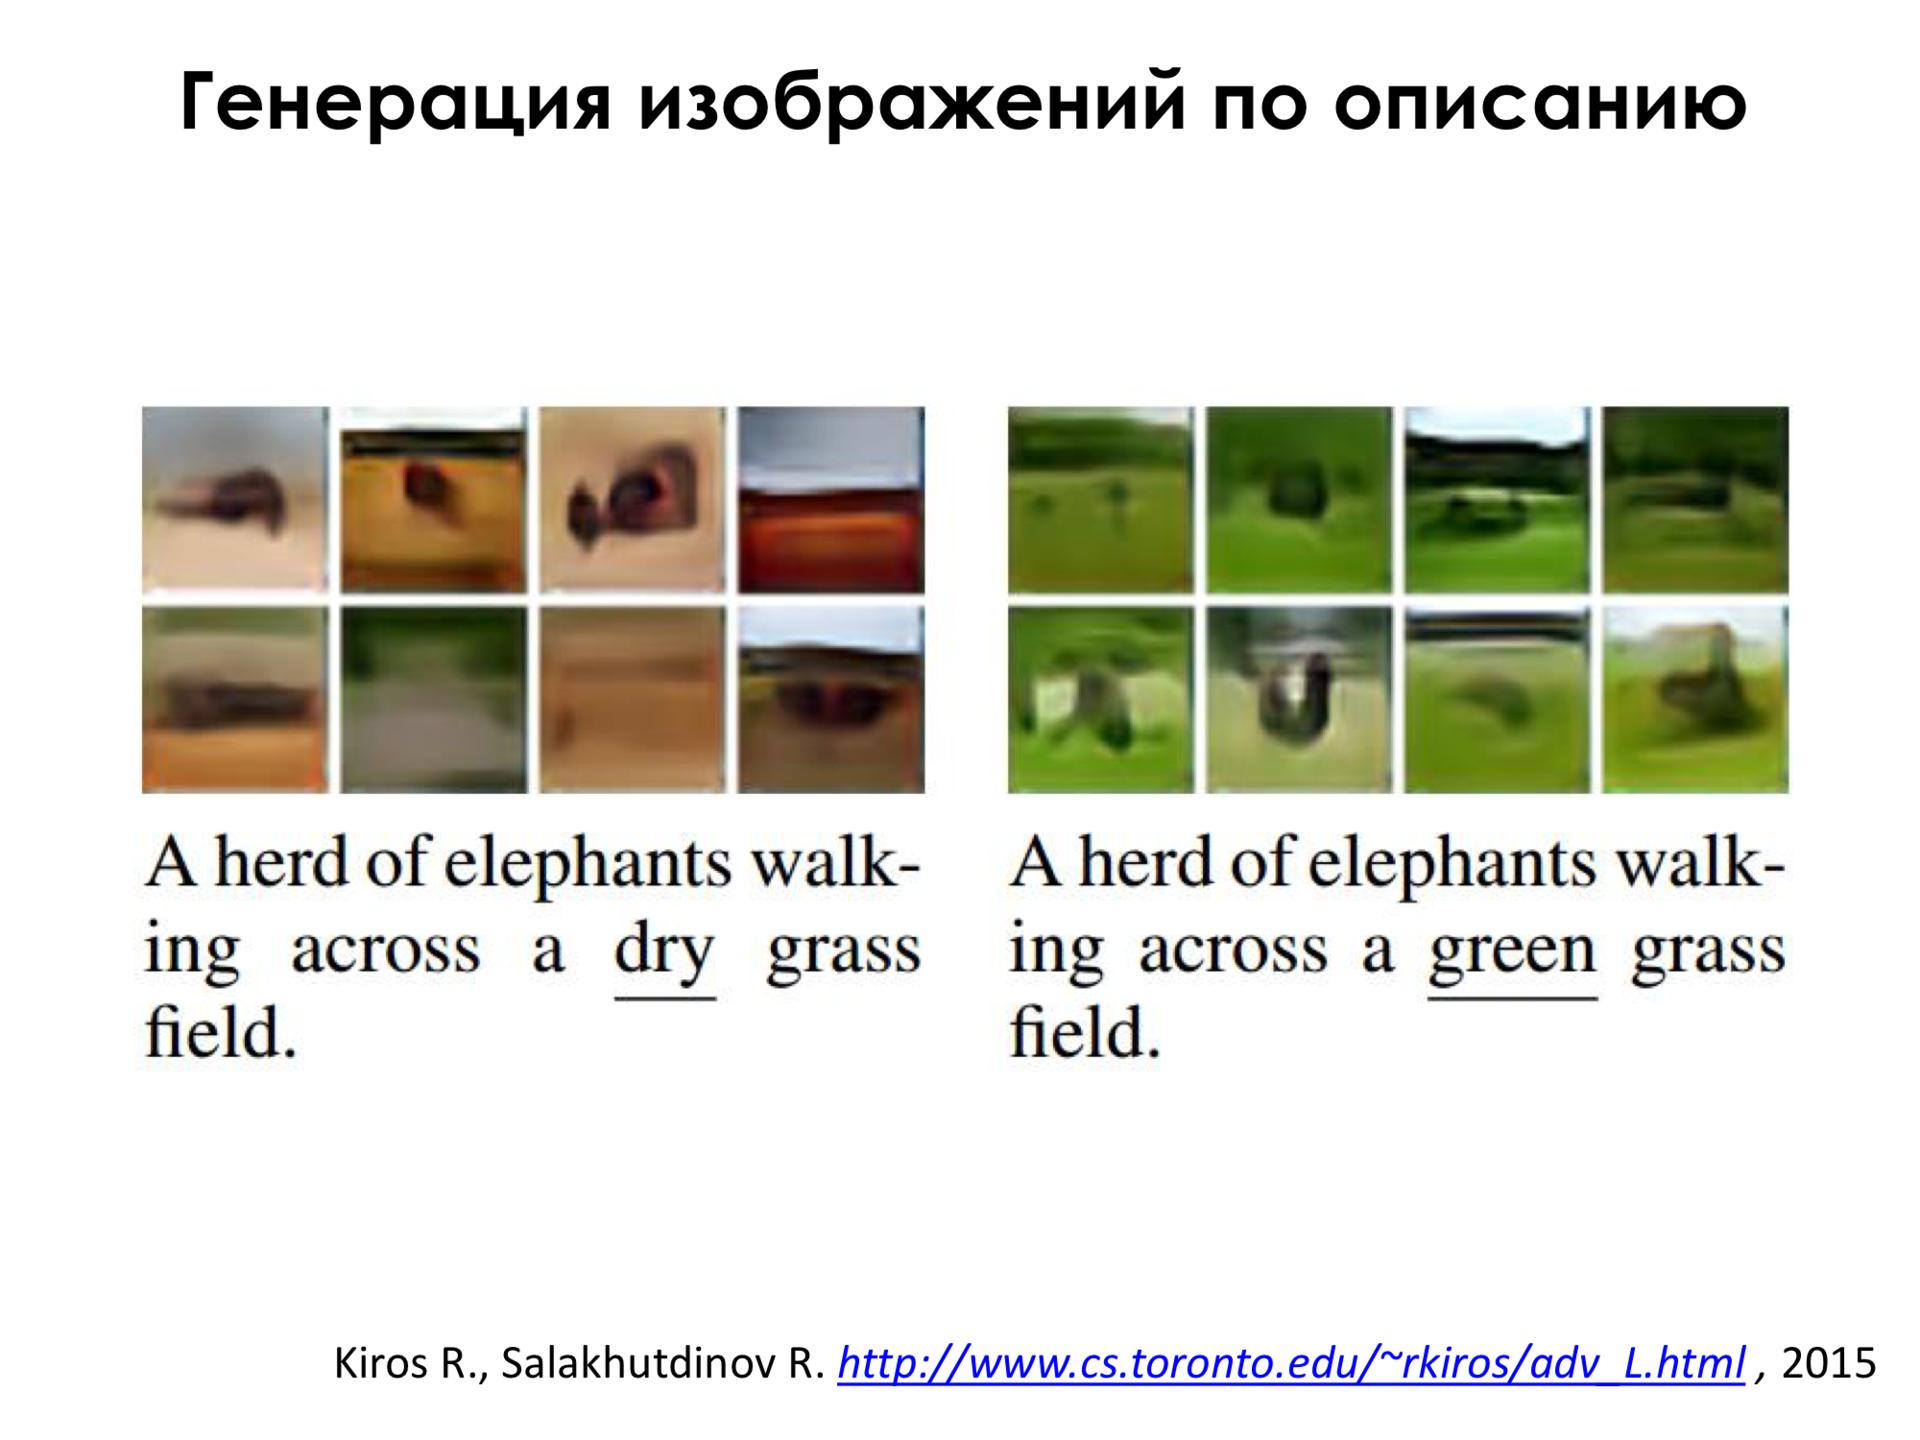 Самое главное о нейронных сетях. Лекция в Яндексе - 42